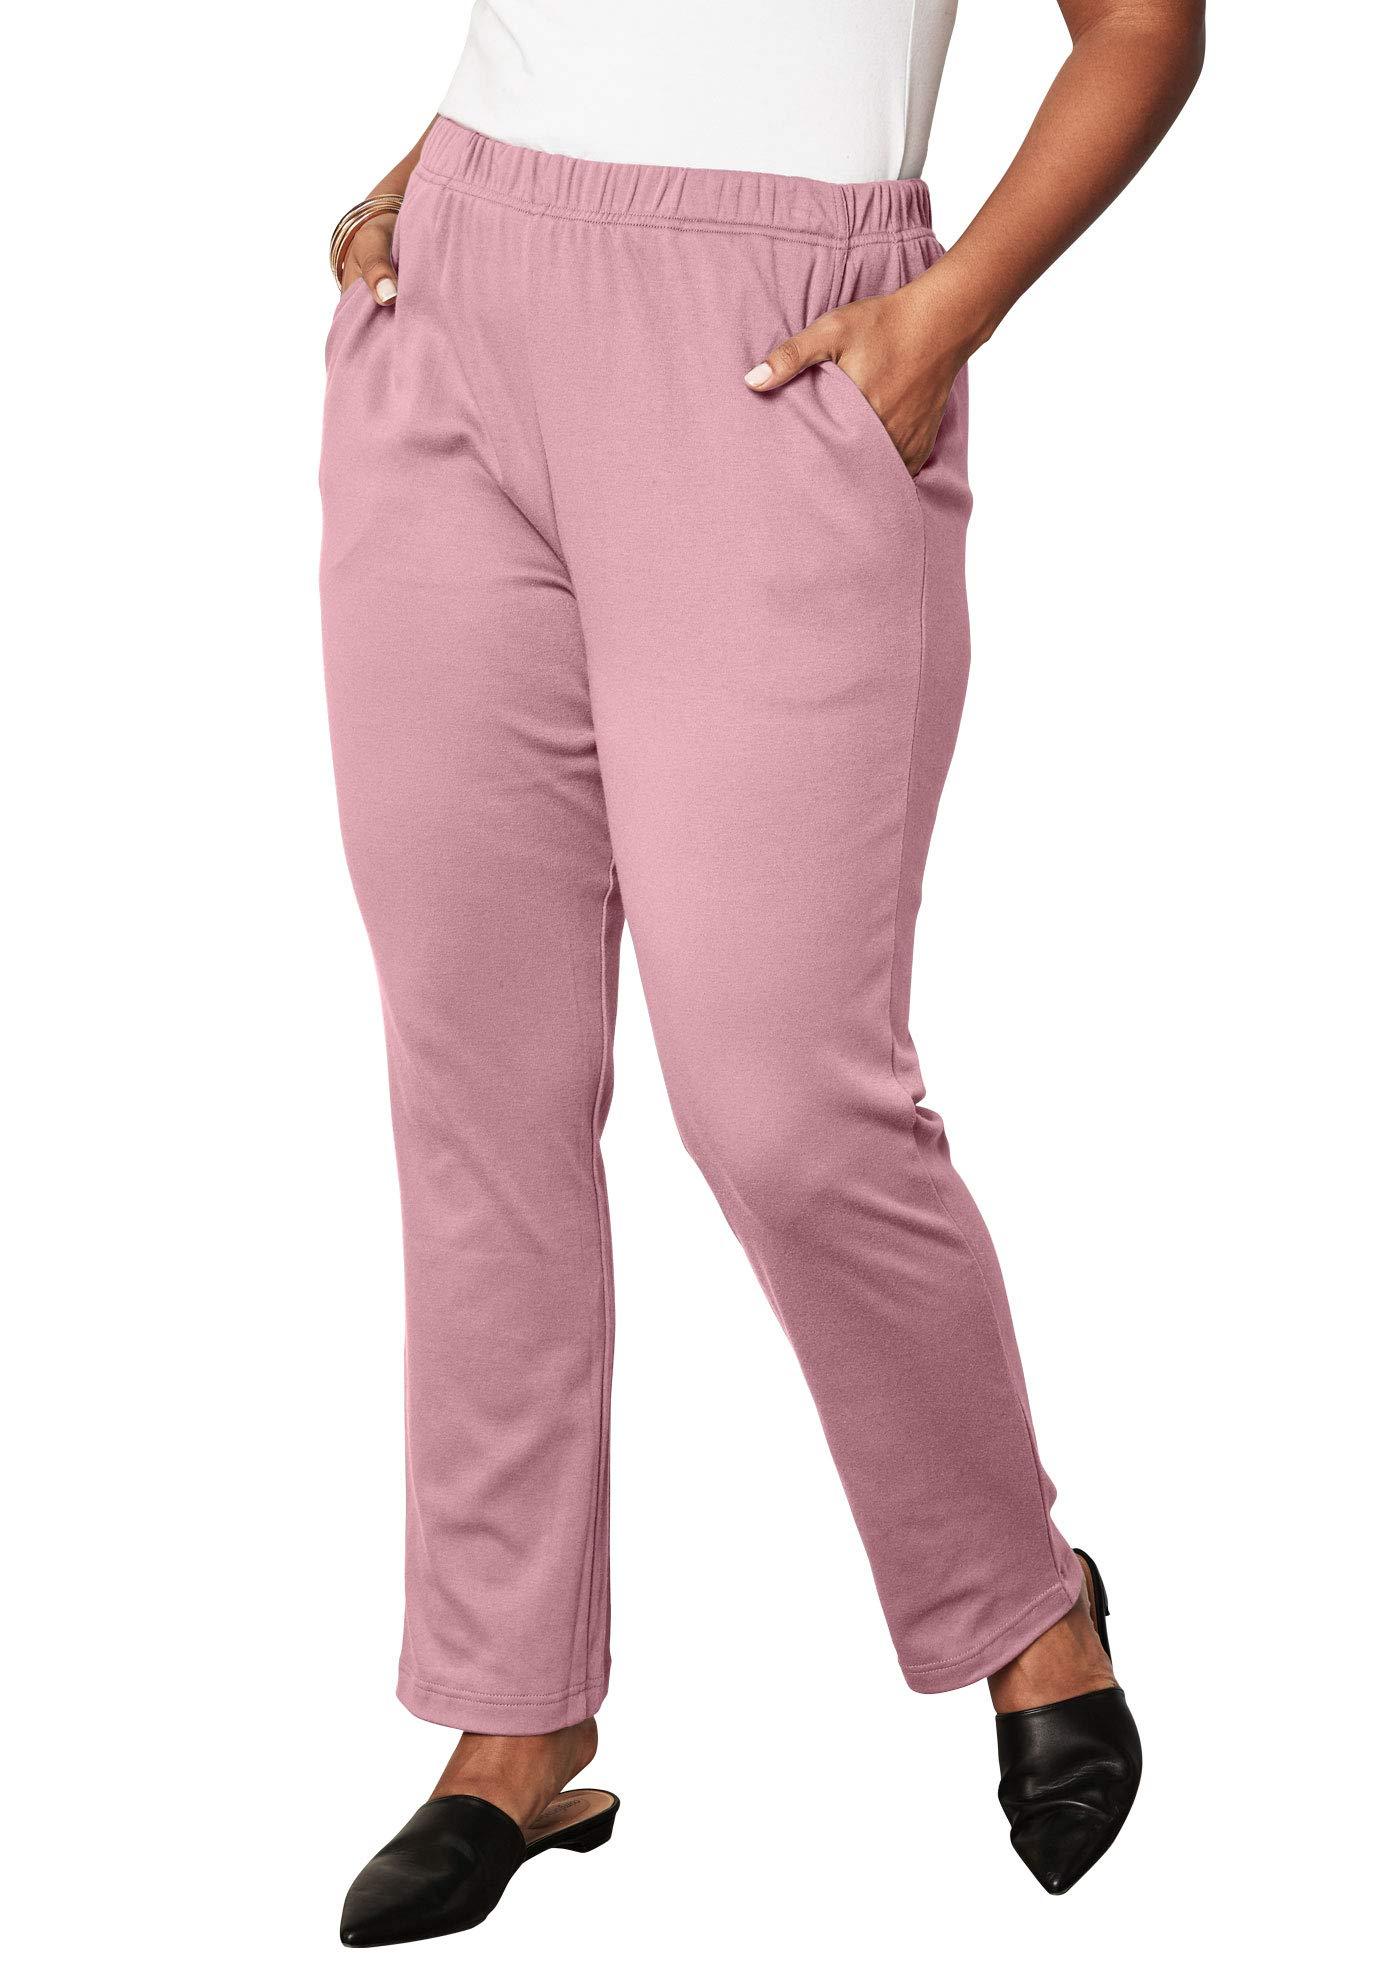 ebd57d06c14 Roamans Women s Plus Size Petite Soft Knit Straight-Leg Pants - Rose Mist